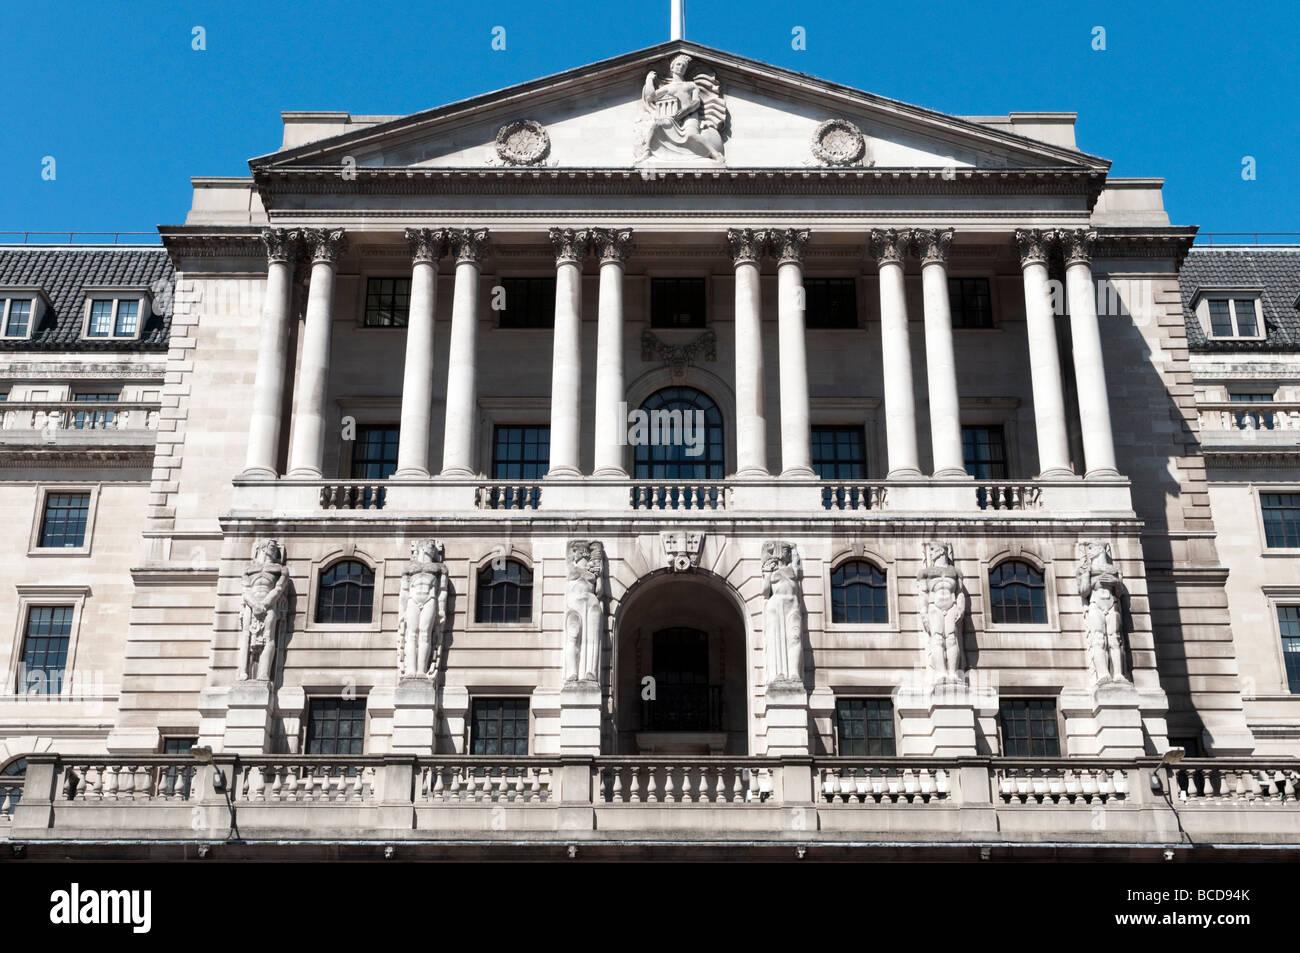 La Banque d'Angleterre dans la ville de London, UK Photo Stock